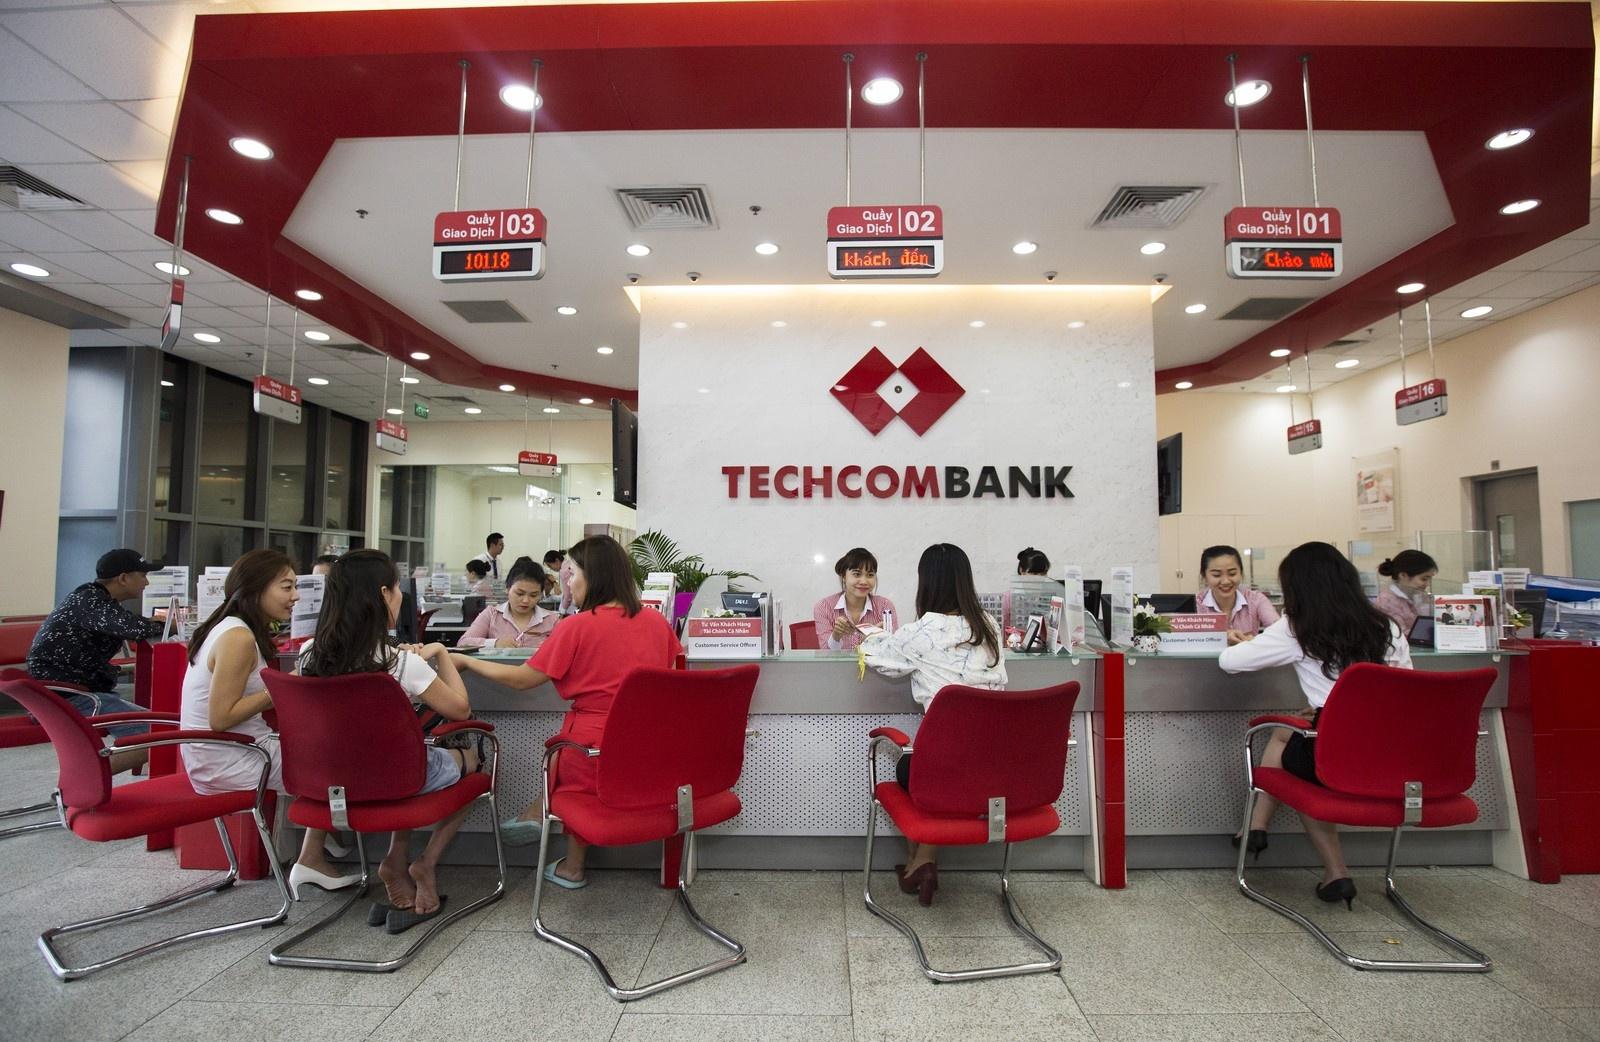 techcombank duoc adb trao tang ngan hang doi tac hang dau tai viet nam lan 2